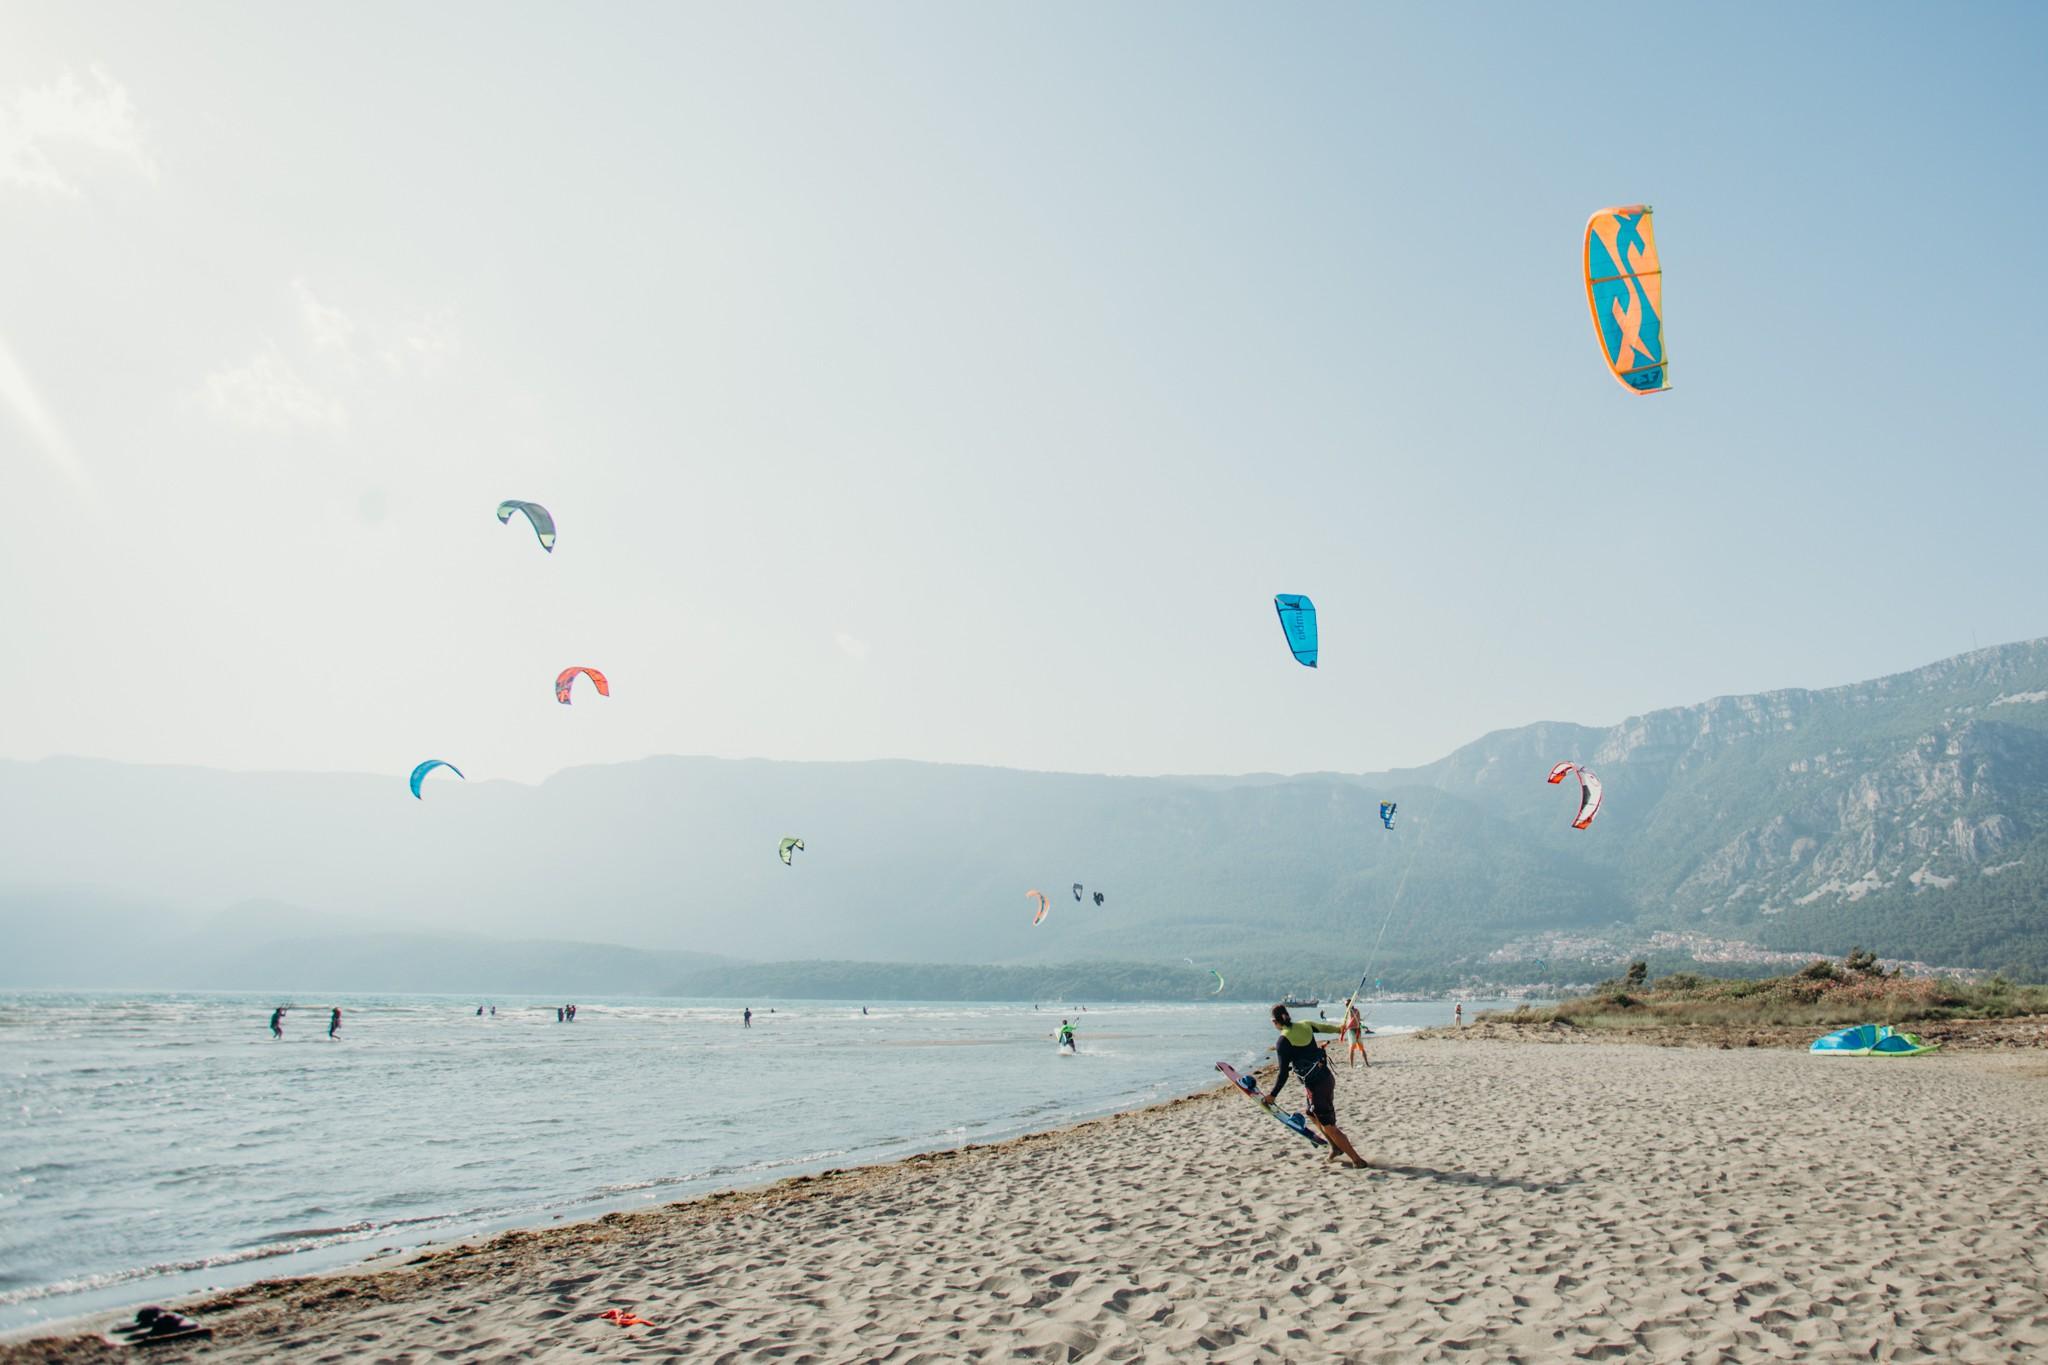 Kitesurf, heyecanı doruklarında yaşamak, denizi ve rüzgarı bir başka şekilde deneyimlemek isteyen tatilciler için bulunmaz bir fırsat. Tatil dönemini alışılmışın dışında geçirmek isteyen, aynı zamanda doğanın ve sporun birleştiği aktivitelerden yararlanma fırsatını kaçırmak istemeyen tatilciler, yola koyulmadan önce hazırlıklarını yapıyor. Bu anlamda özelikle Türkiye'nin en önemli tatil beldelerinden biri olan Fethiye, Kitesurf'ün yanı sıra diğer sporlar için de tercih edilen bir destinasyon olarak iddiasını ortaya koyuyor.